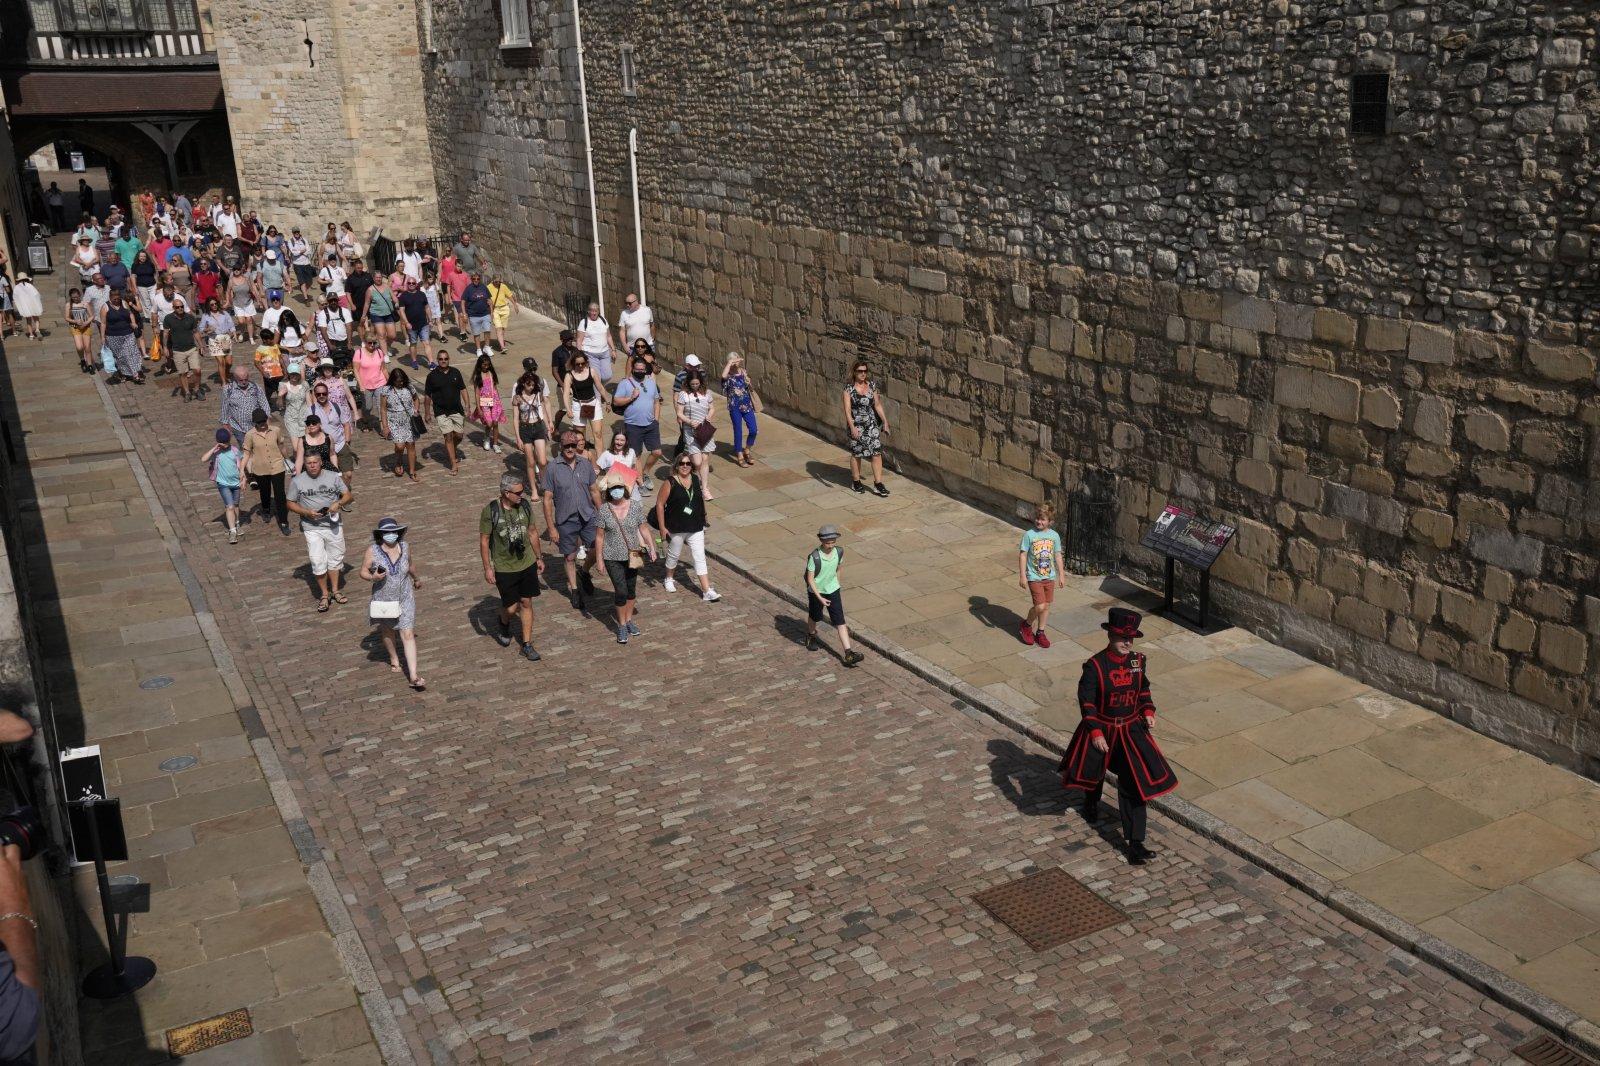 圖為嚮導帶領遊客參觀倫敦塔。(美聯社)